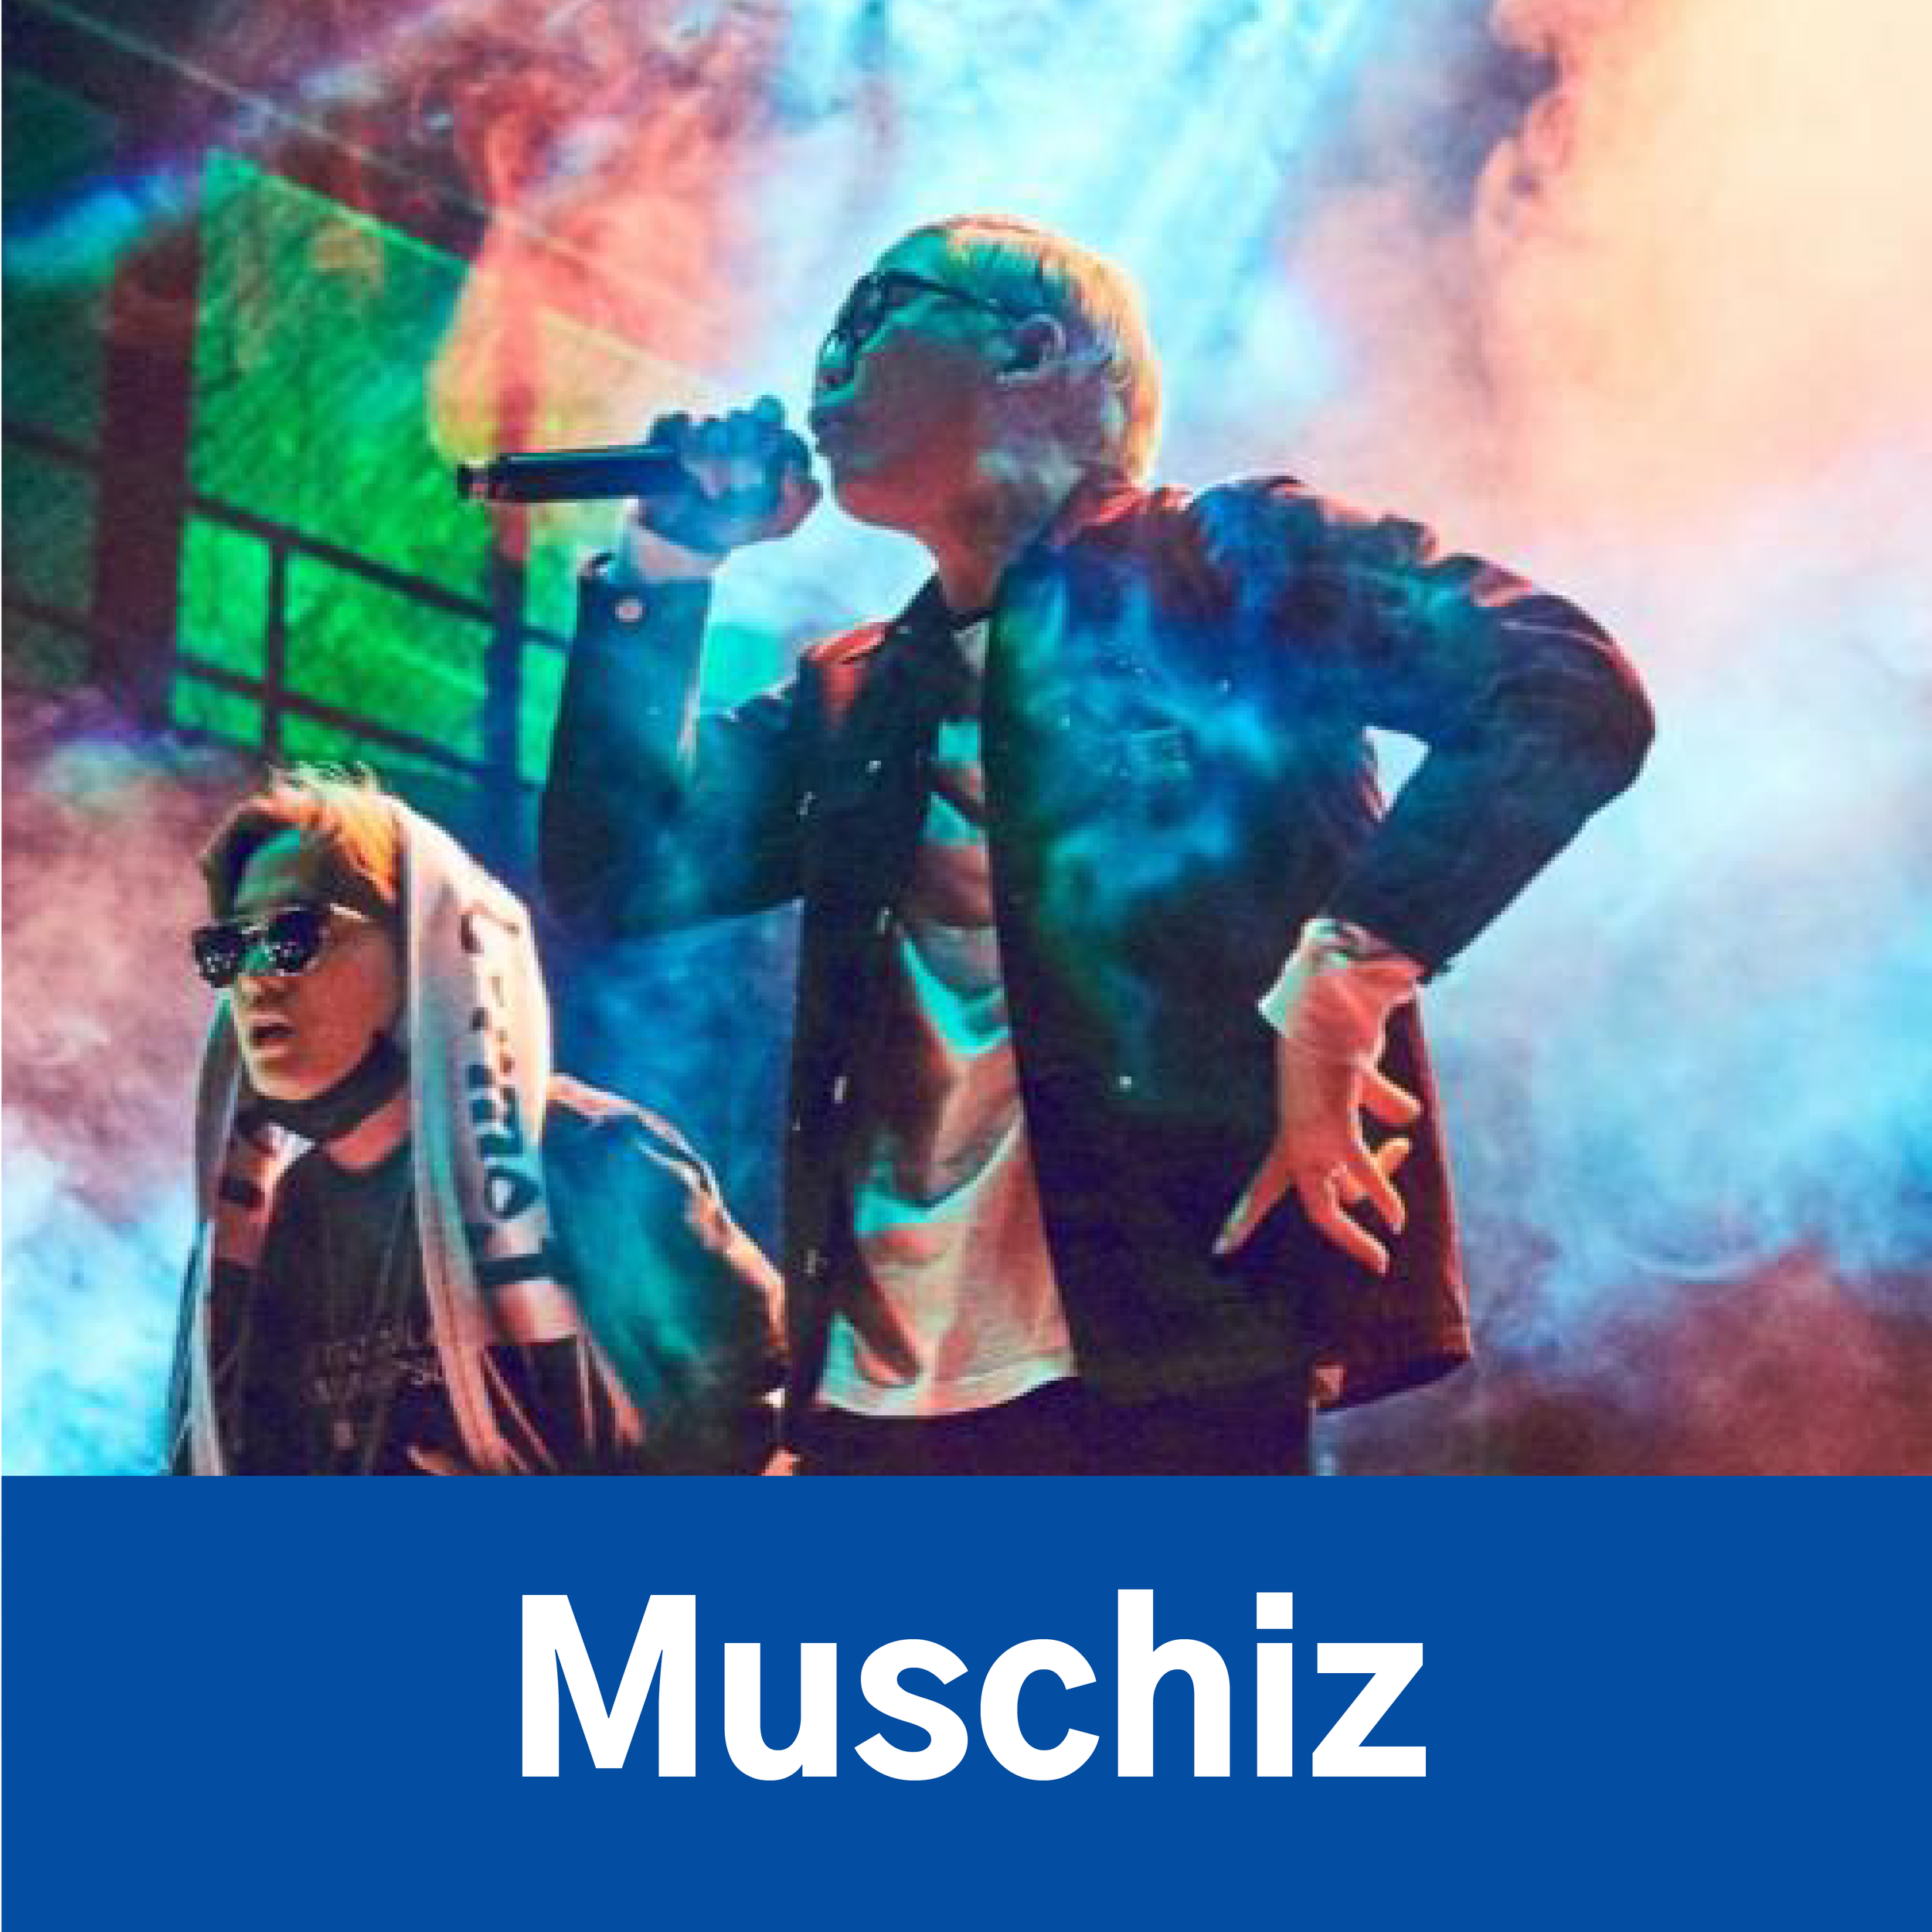 muschiz.png